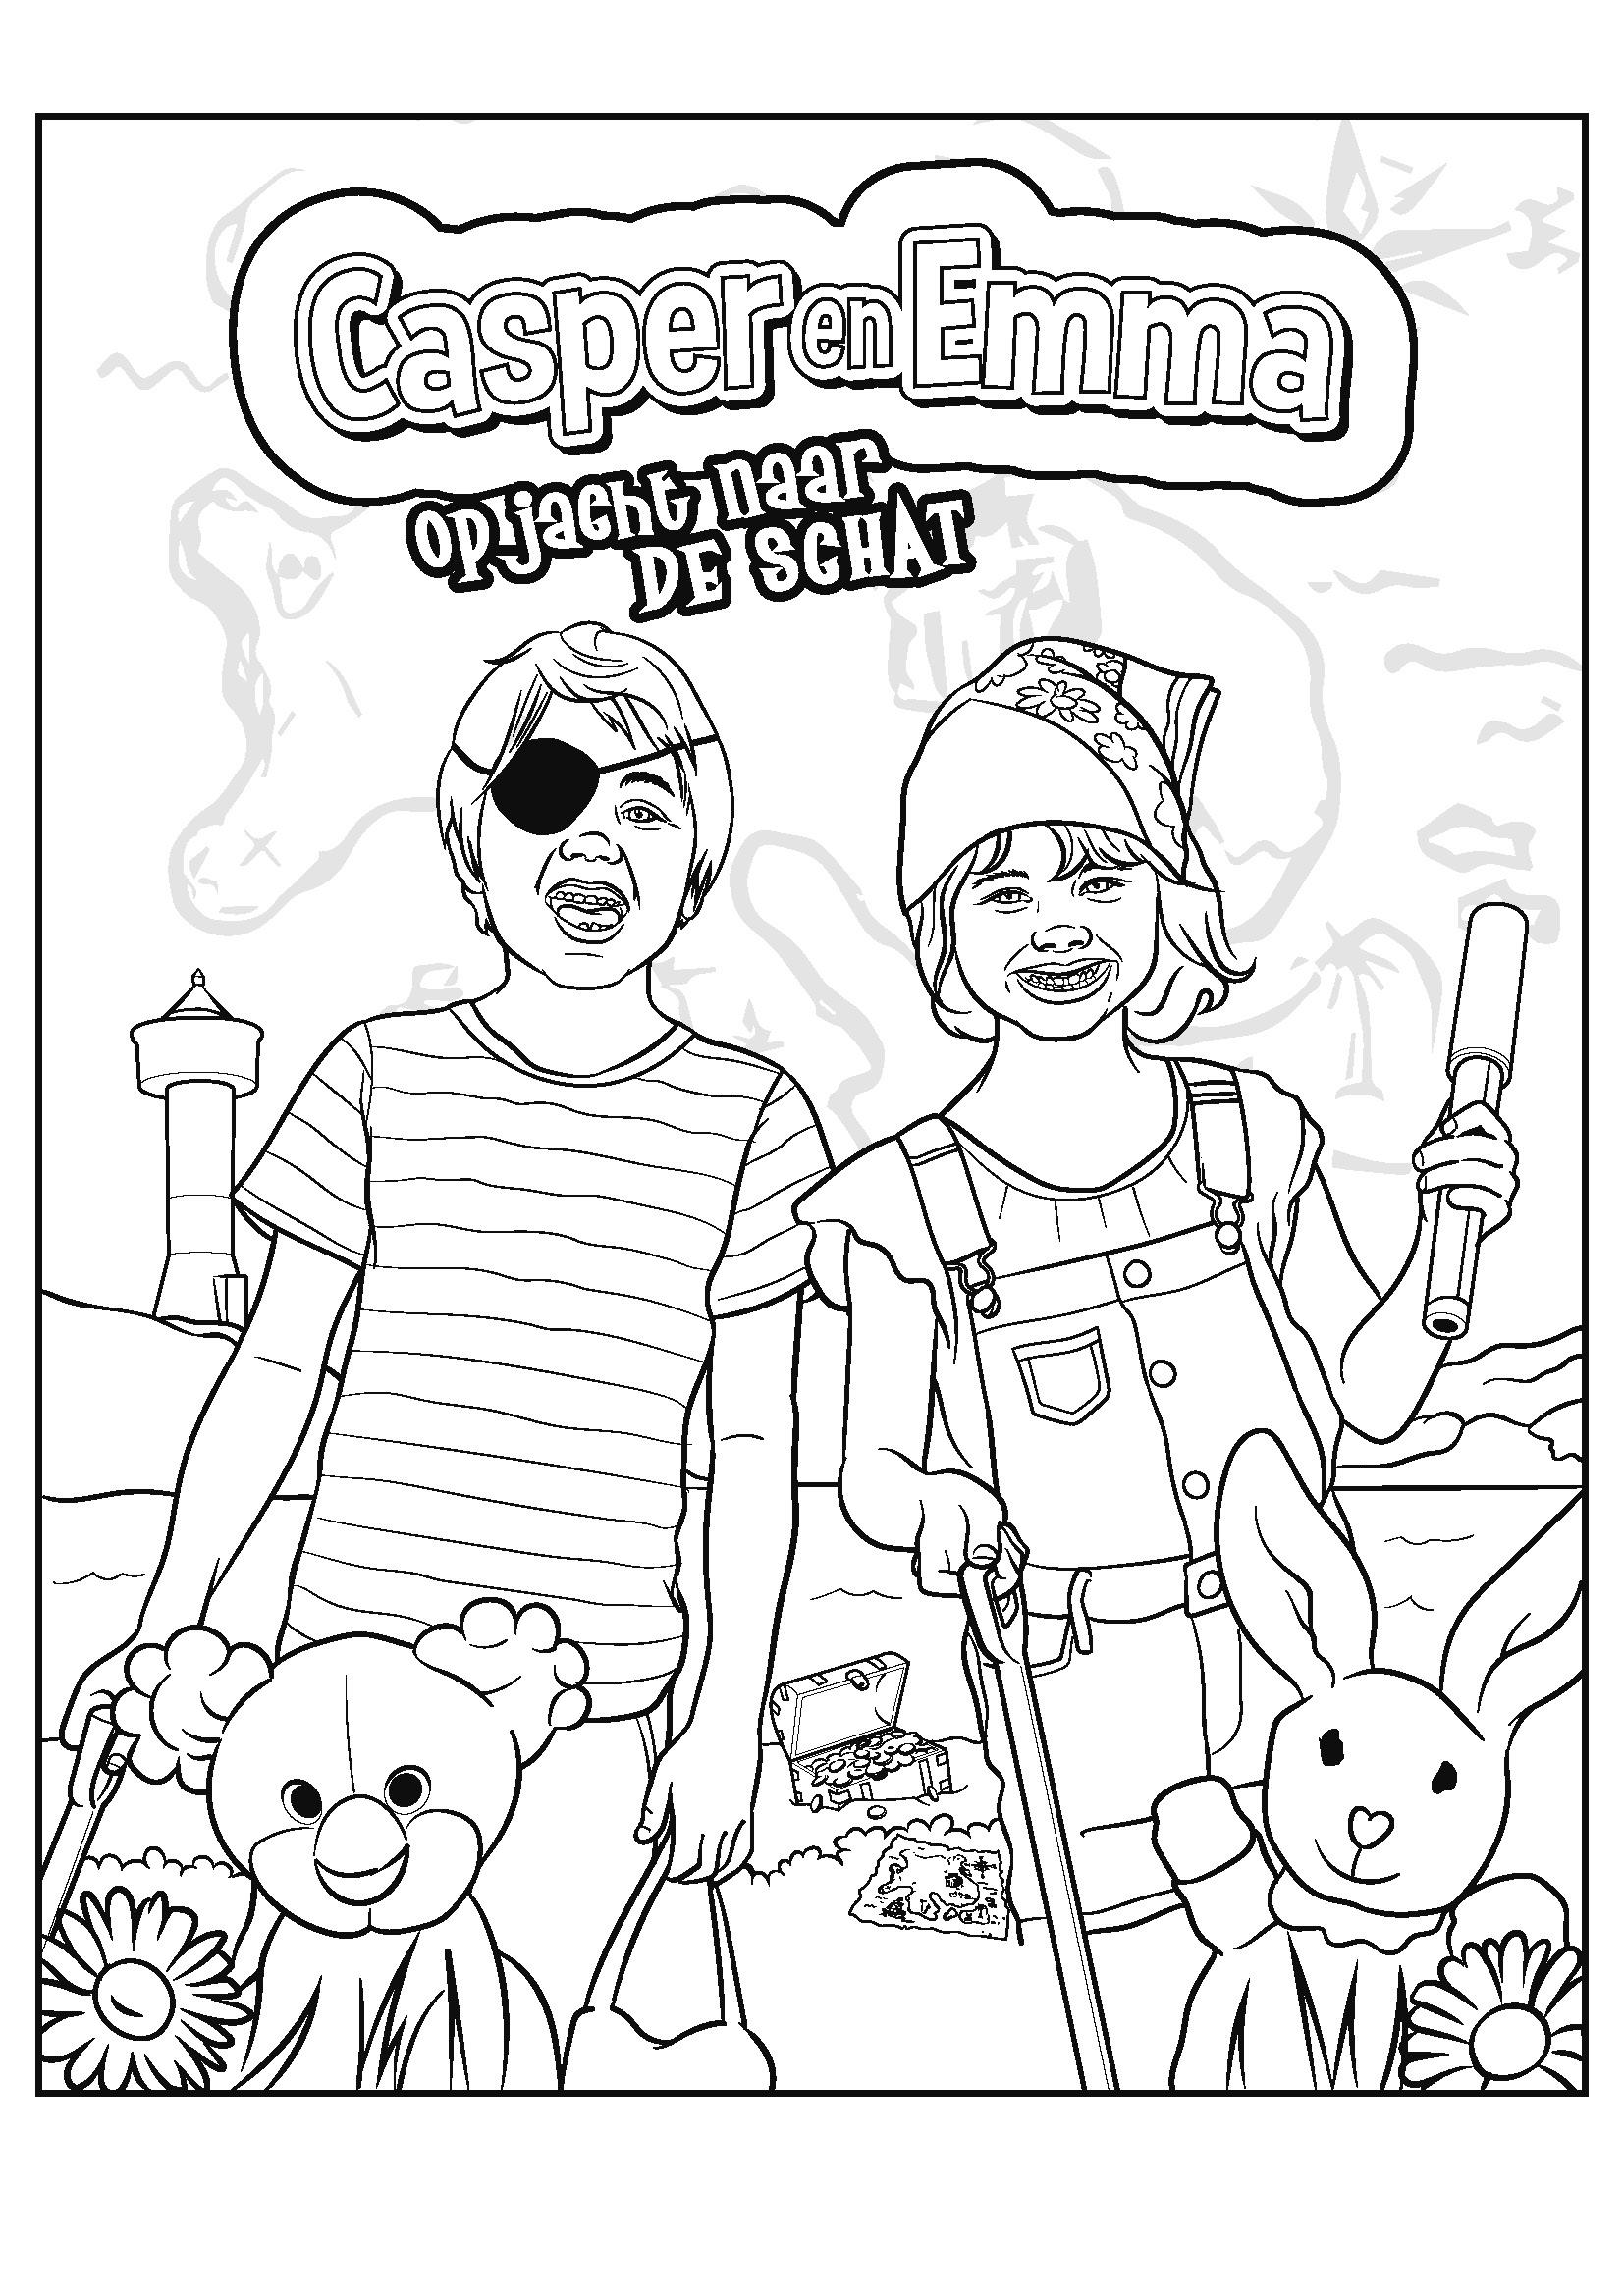 Casper & Emma op zoek naar De Schat